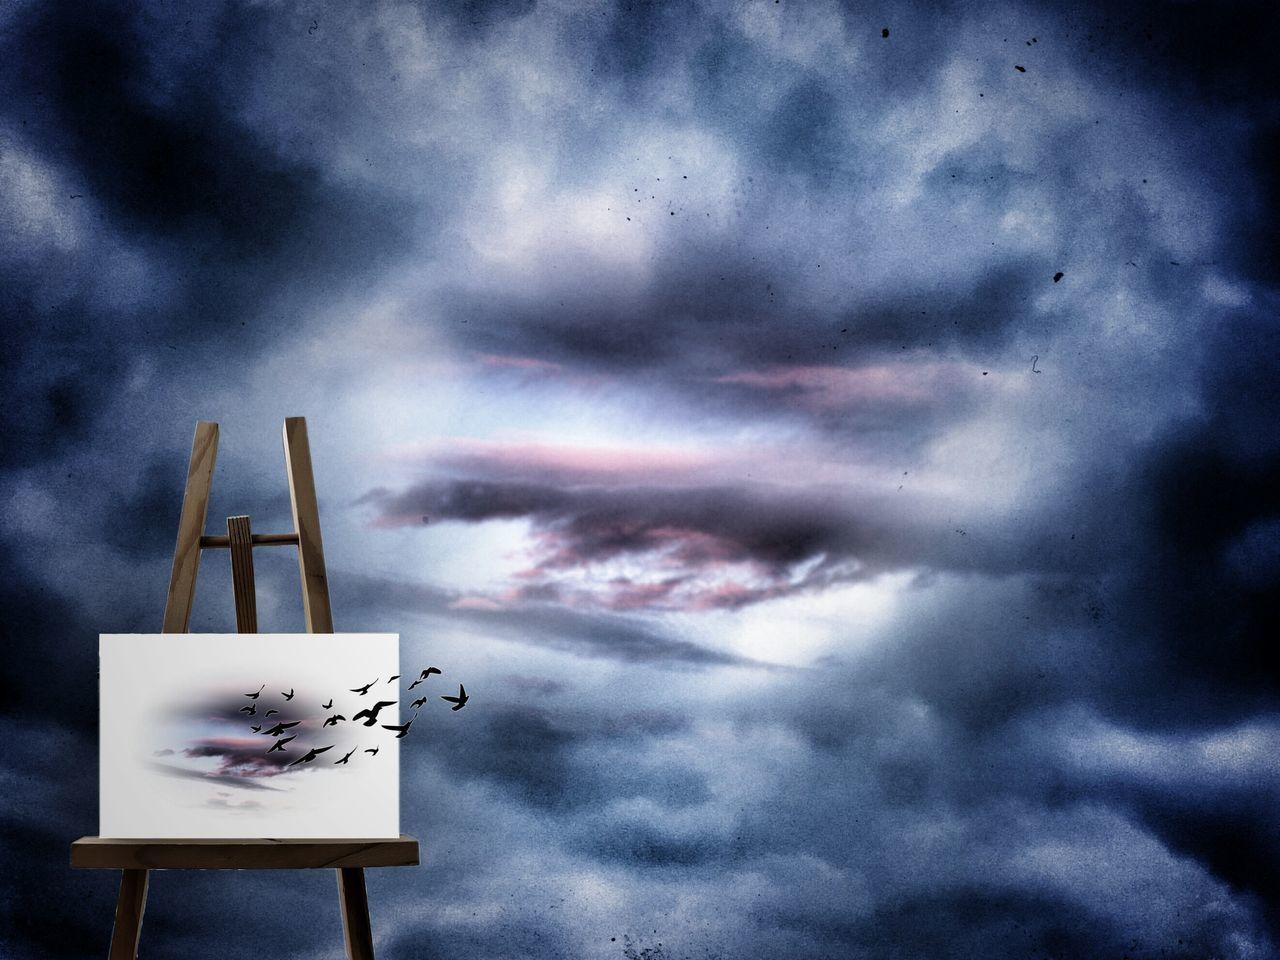 cloud - sky, dramatic sky, sky, weather, no people, outdoors, sunset, storm cloud, day, nature, bird